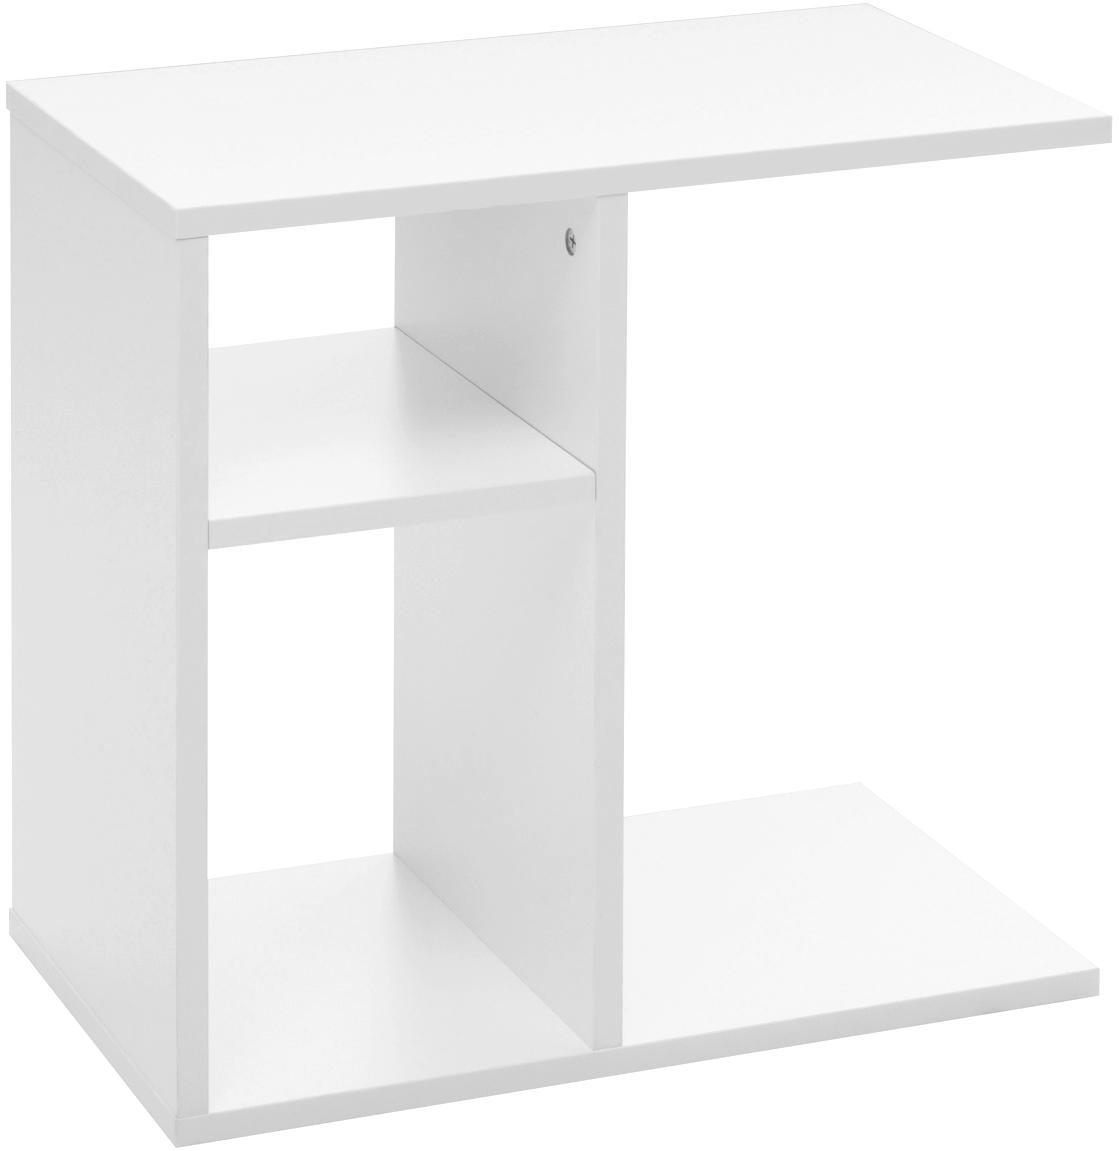 Stolik pomocniczy Milo, Płyta wiórowa, foliowana, Biały, S 50 x G 30 cm